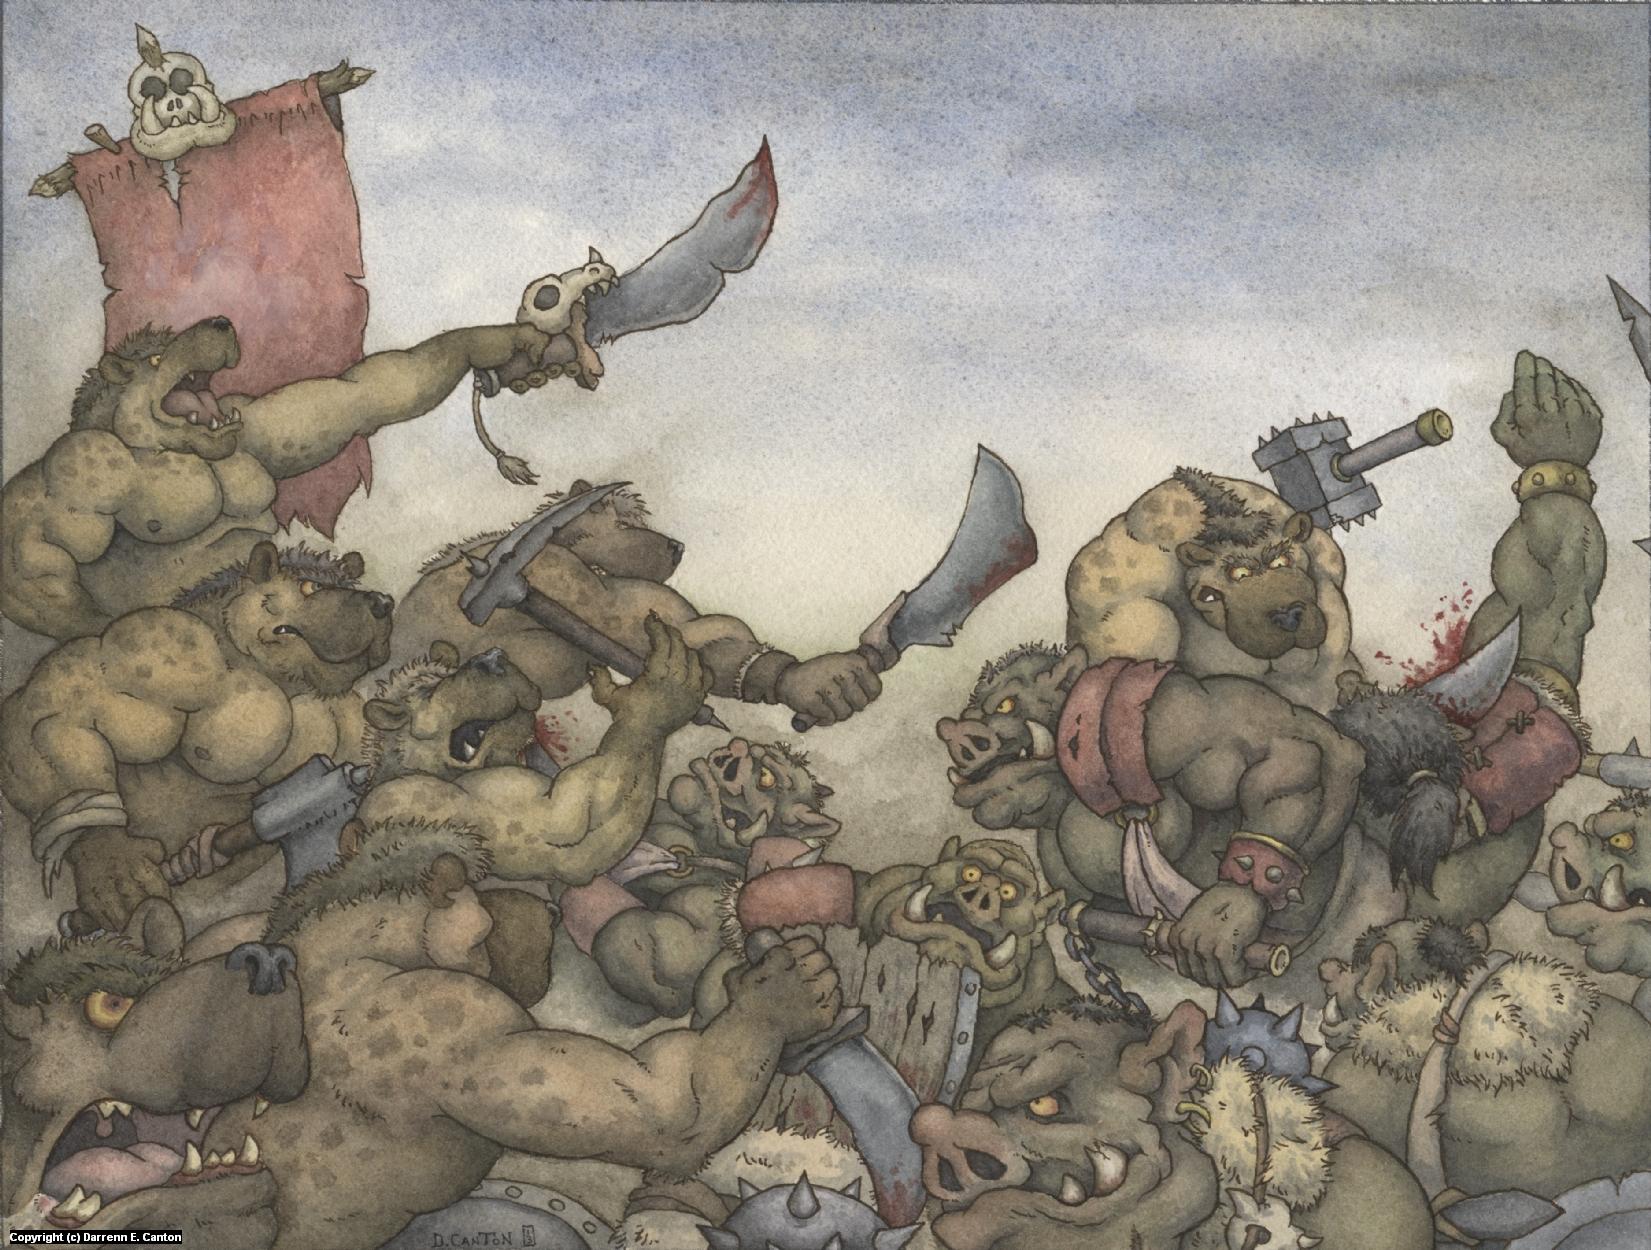 Ferocious Assault Artwork by Darrenn Canton